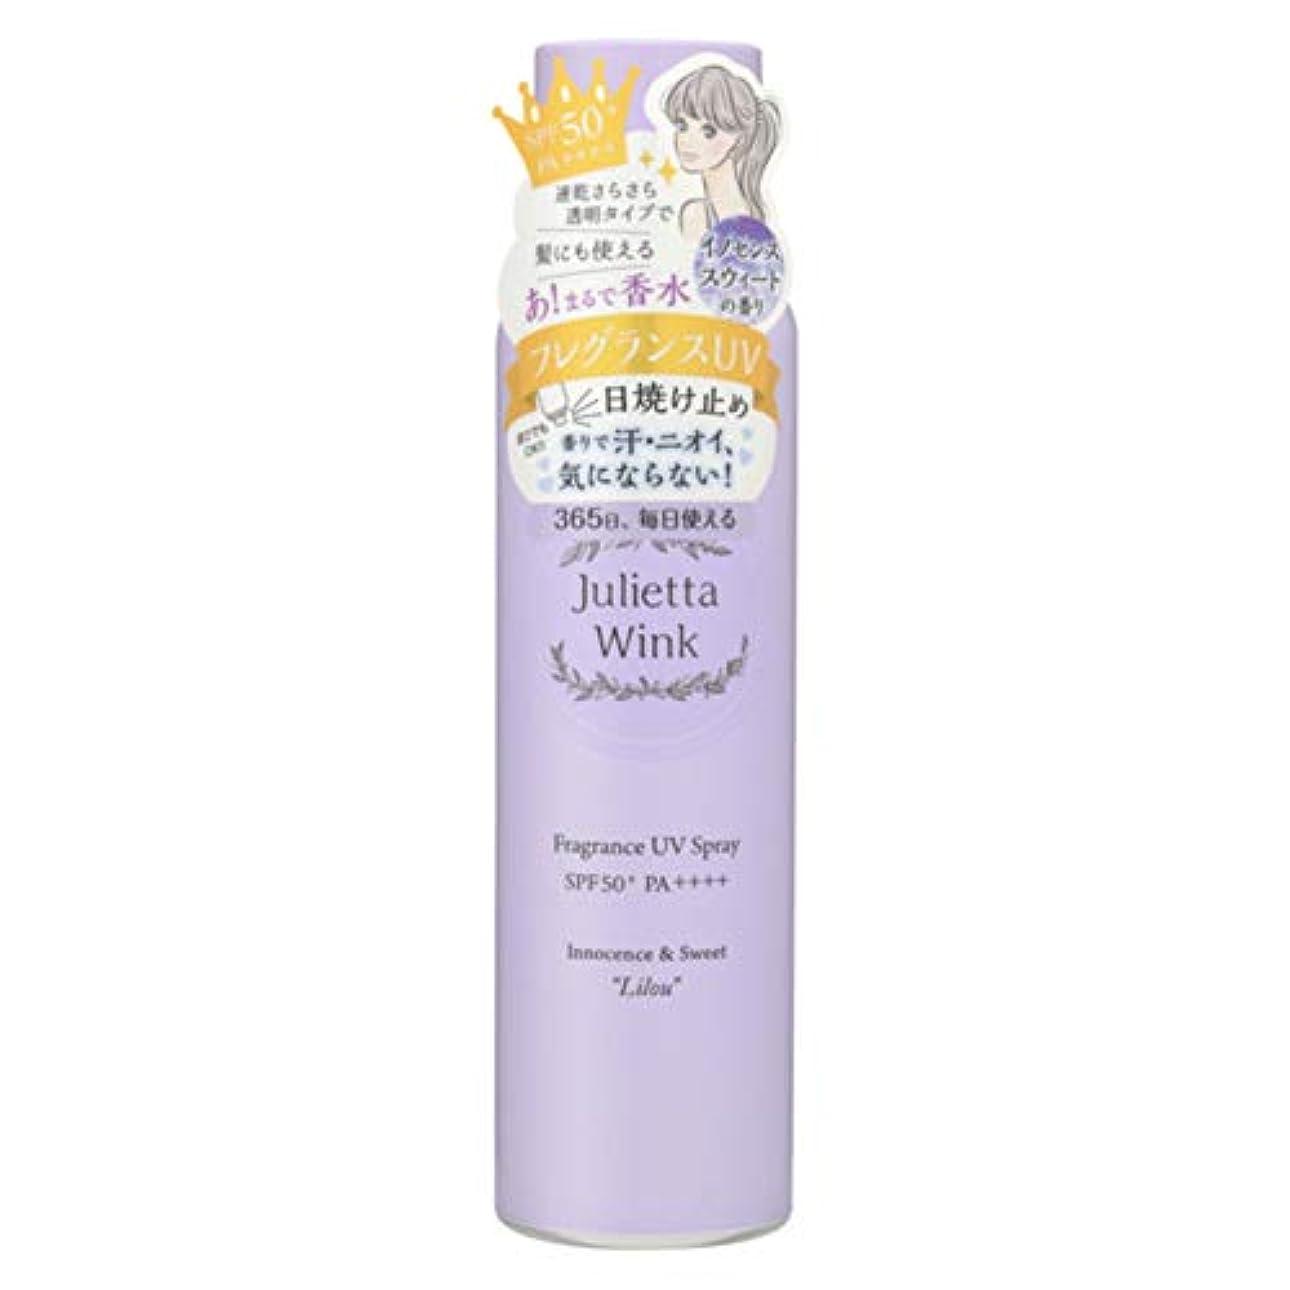 どっちでもお尻閲覧するジュリエッタウィンク フレグランス UVスプレー[リル]100g イノセンススウィートの香り(紫)